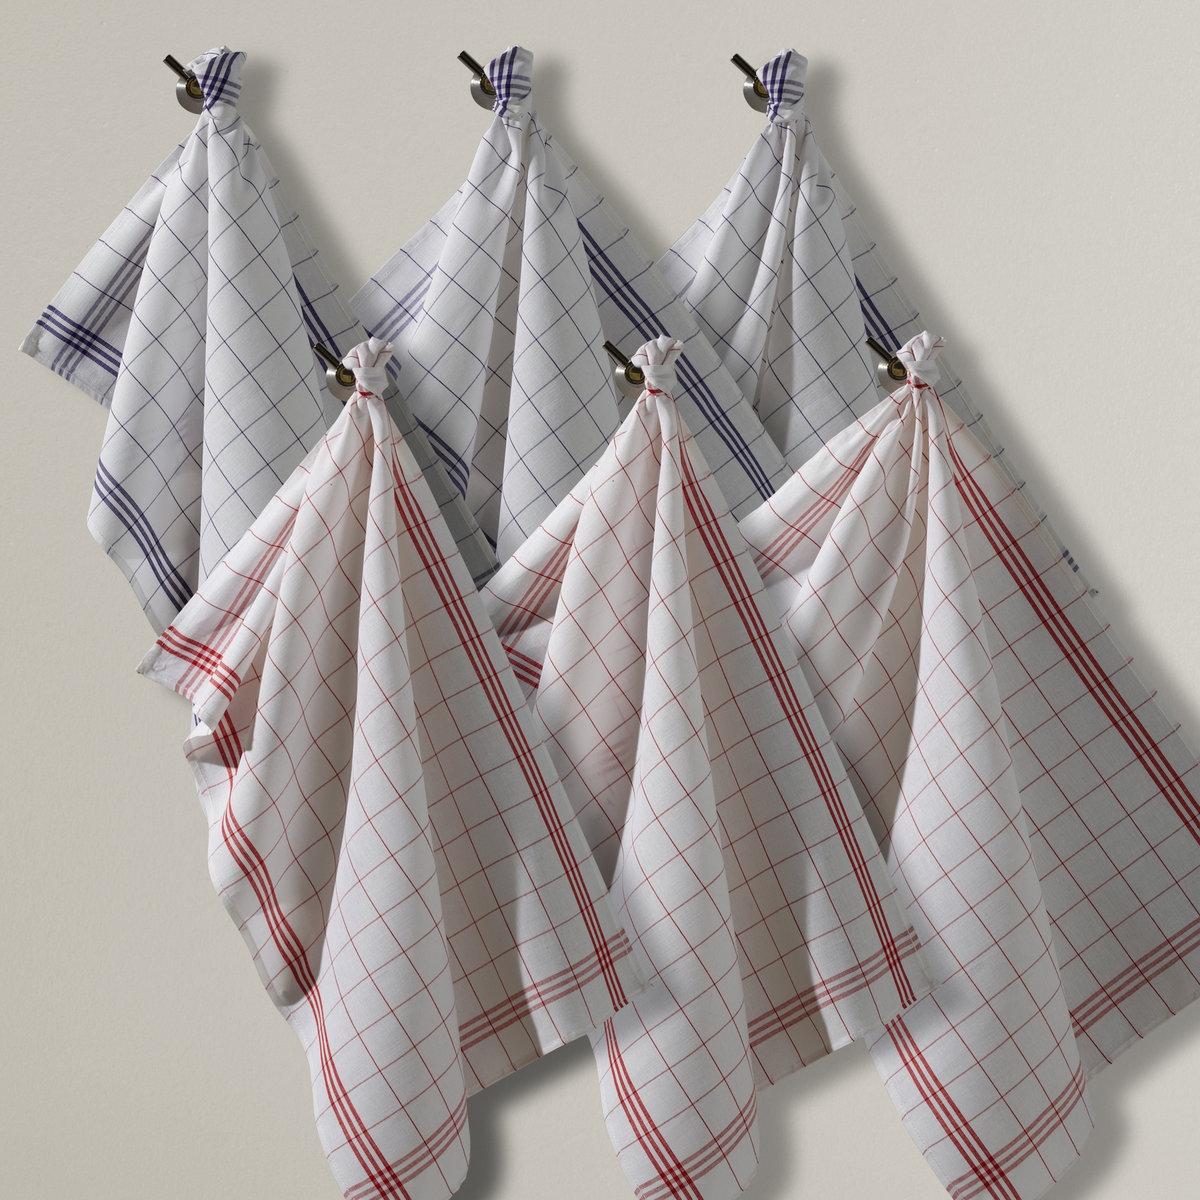 6 полотенец кухонных Колас6 кухонных полотенец Колас из смесовой ткани, 50% льна, 50% хлопка. 3 красных и 3 синий полотенца. Прочный материал, не теряющий формы, превосходно впитывает влагу и легко гладится. Стирка при 60°. Размер: 55 х 80 см.<br><br>Цвет: синий + красный<br>Размер: комплект из 6